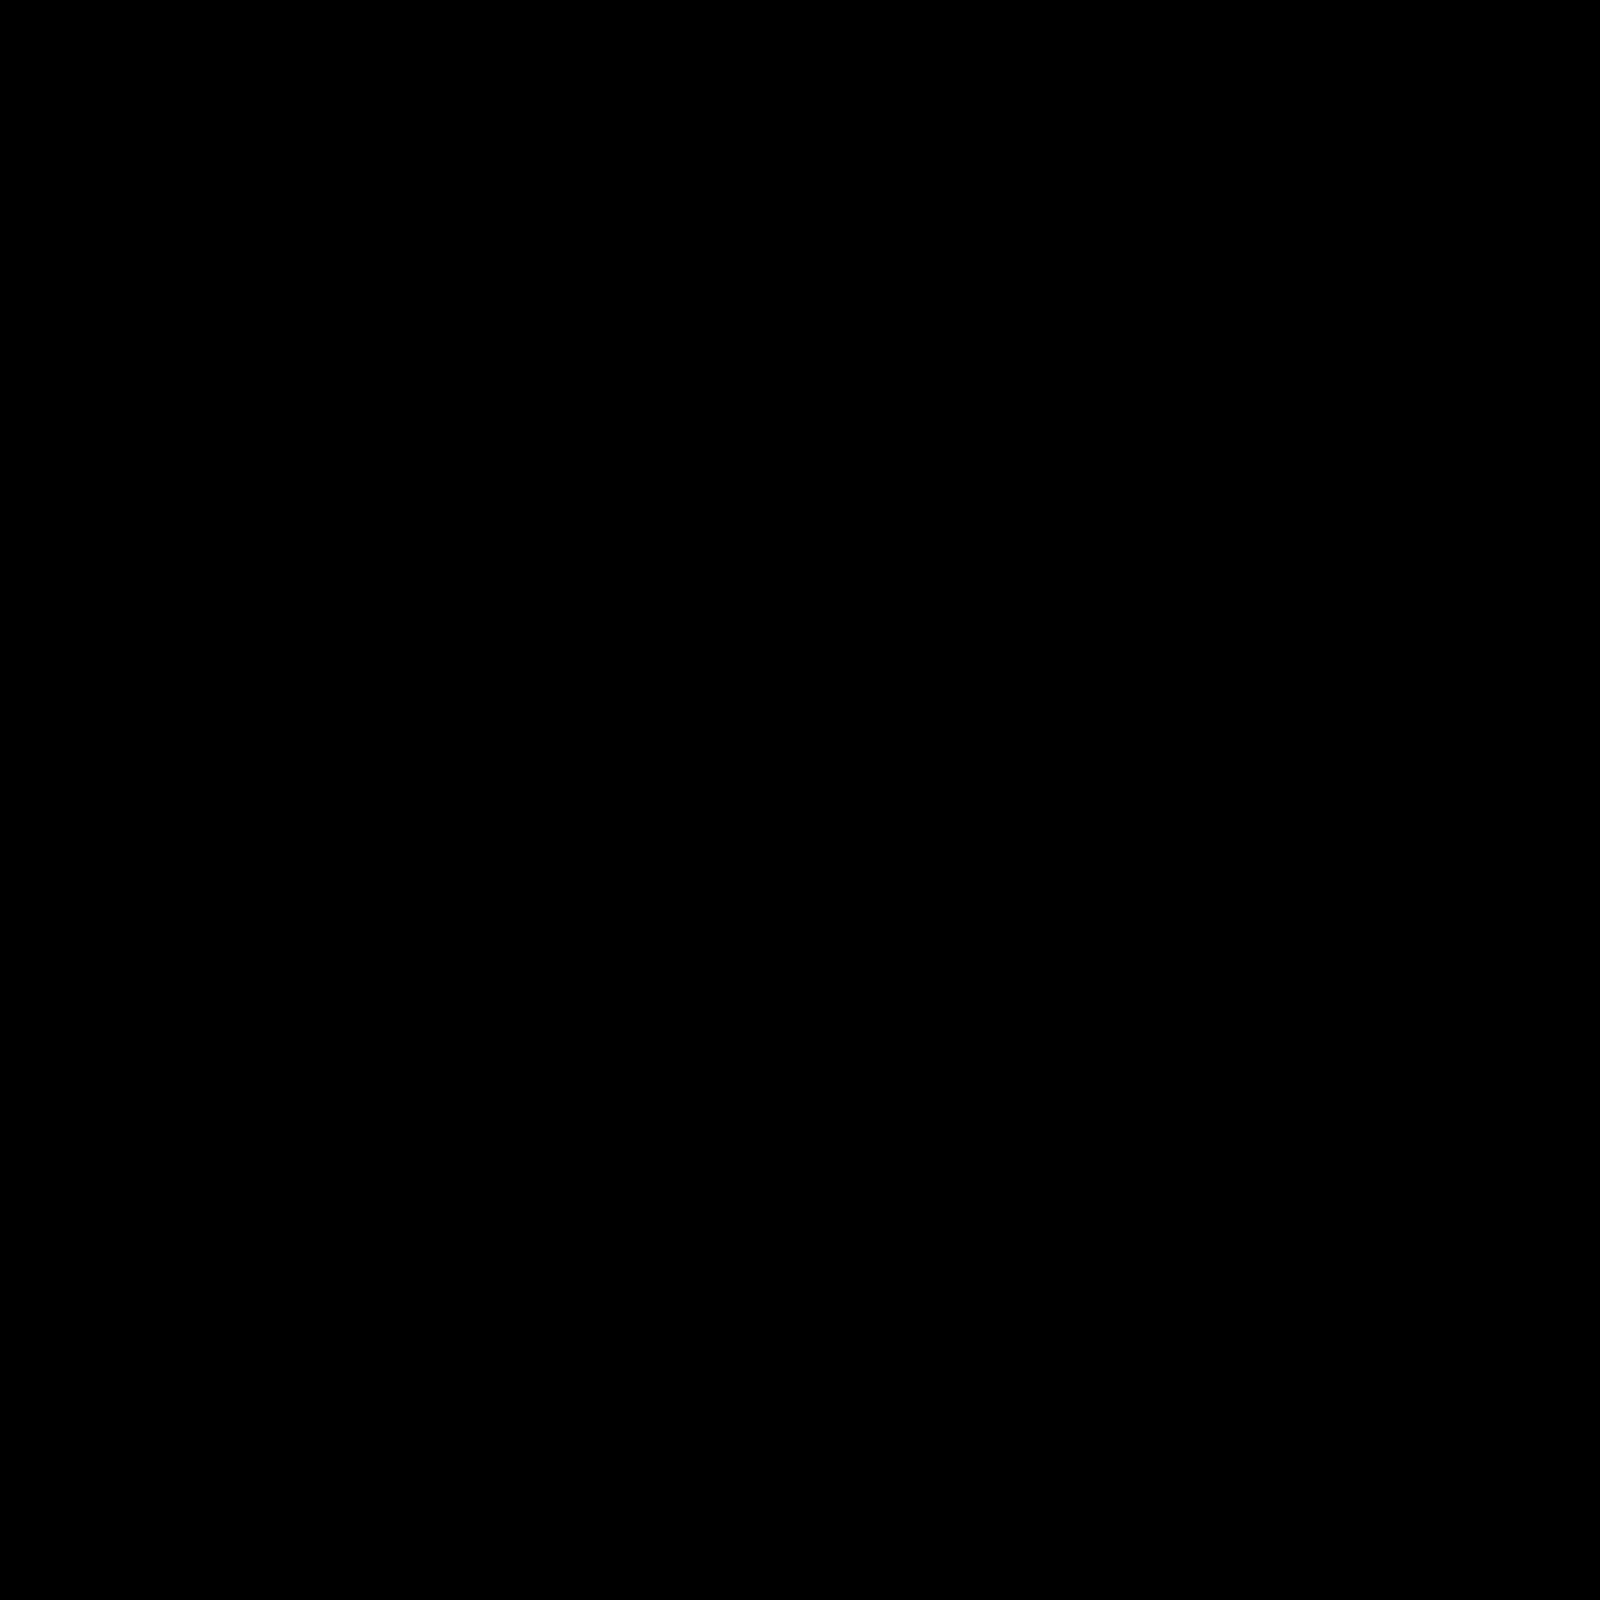 人人网 icon